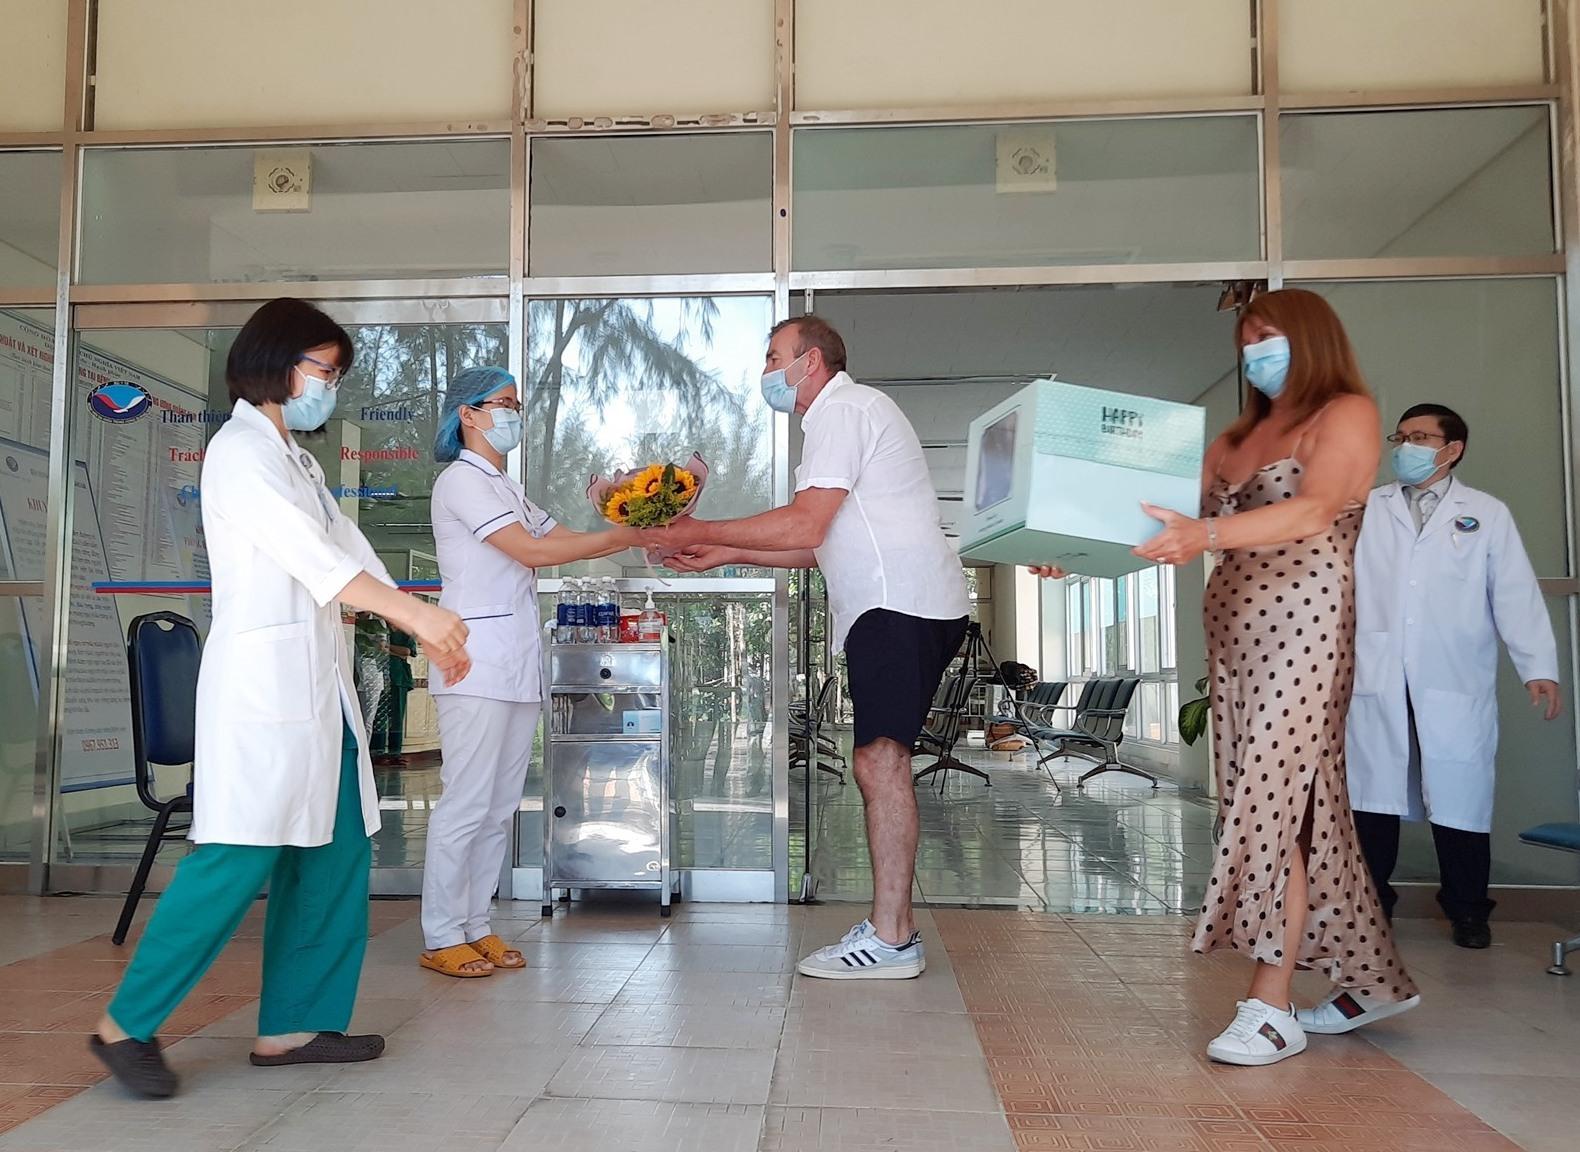 Để bày tỏ tình cảm đối với đội ngũ y bác sĩ Bệnh viện Đa khoa Trung ương Quảng Nam, bệnh nhân số 57 và người vợ dành tặng một chiếc bánh kem và bó hoa. Ảnh: ĐẠO QUÂN